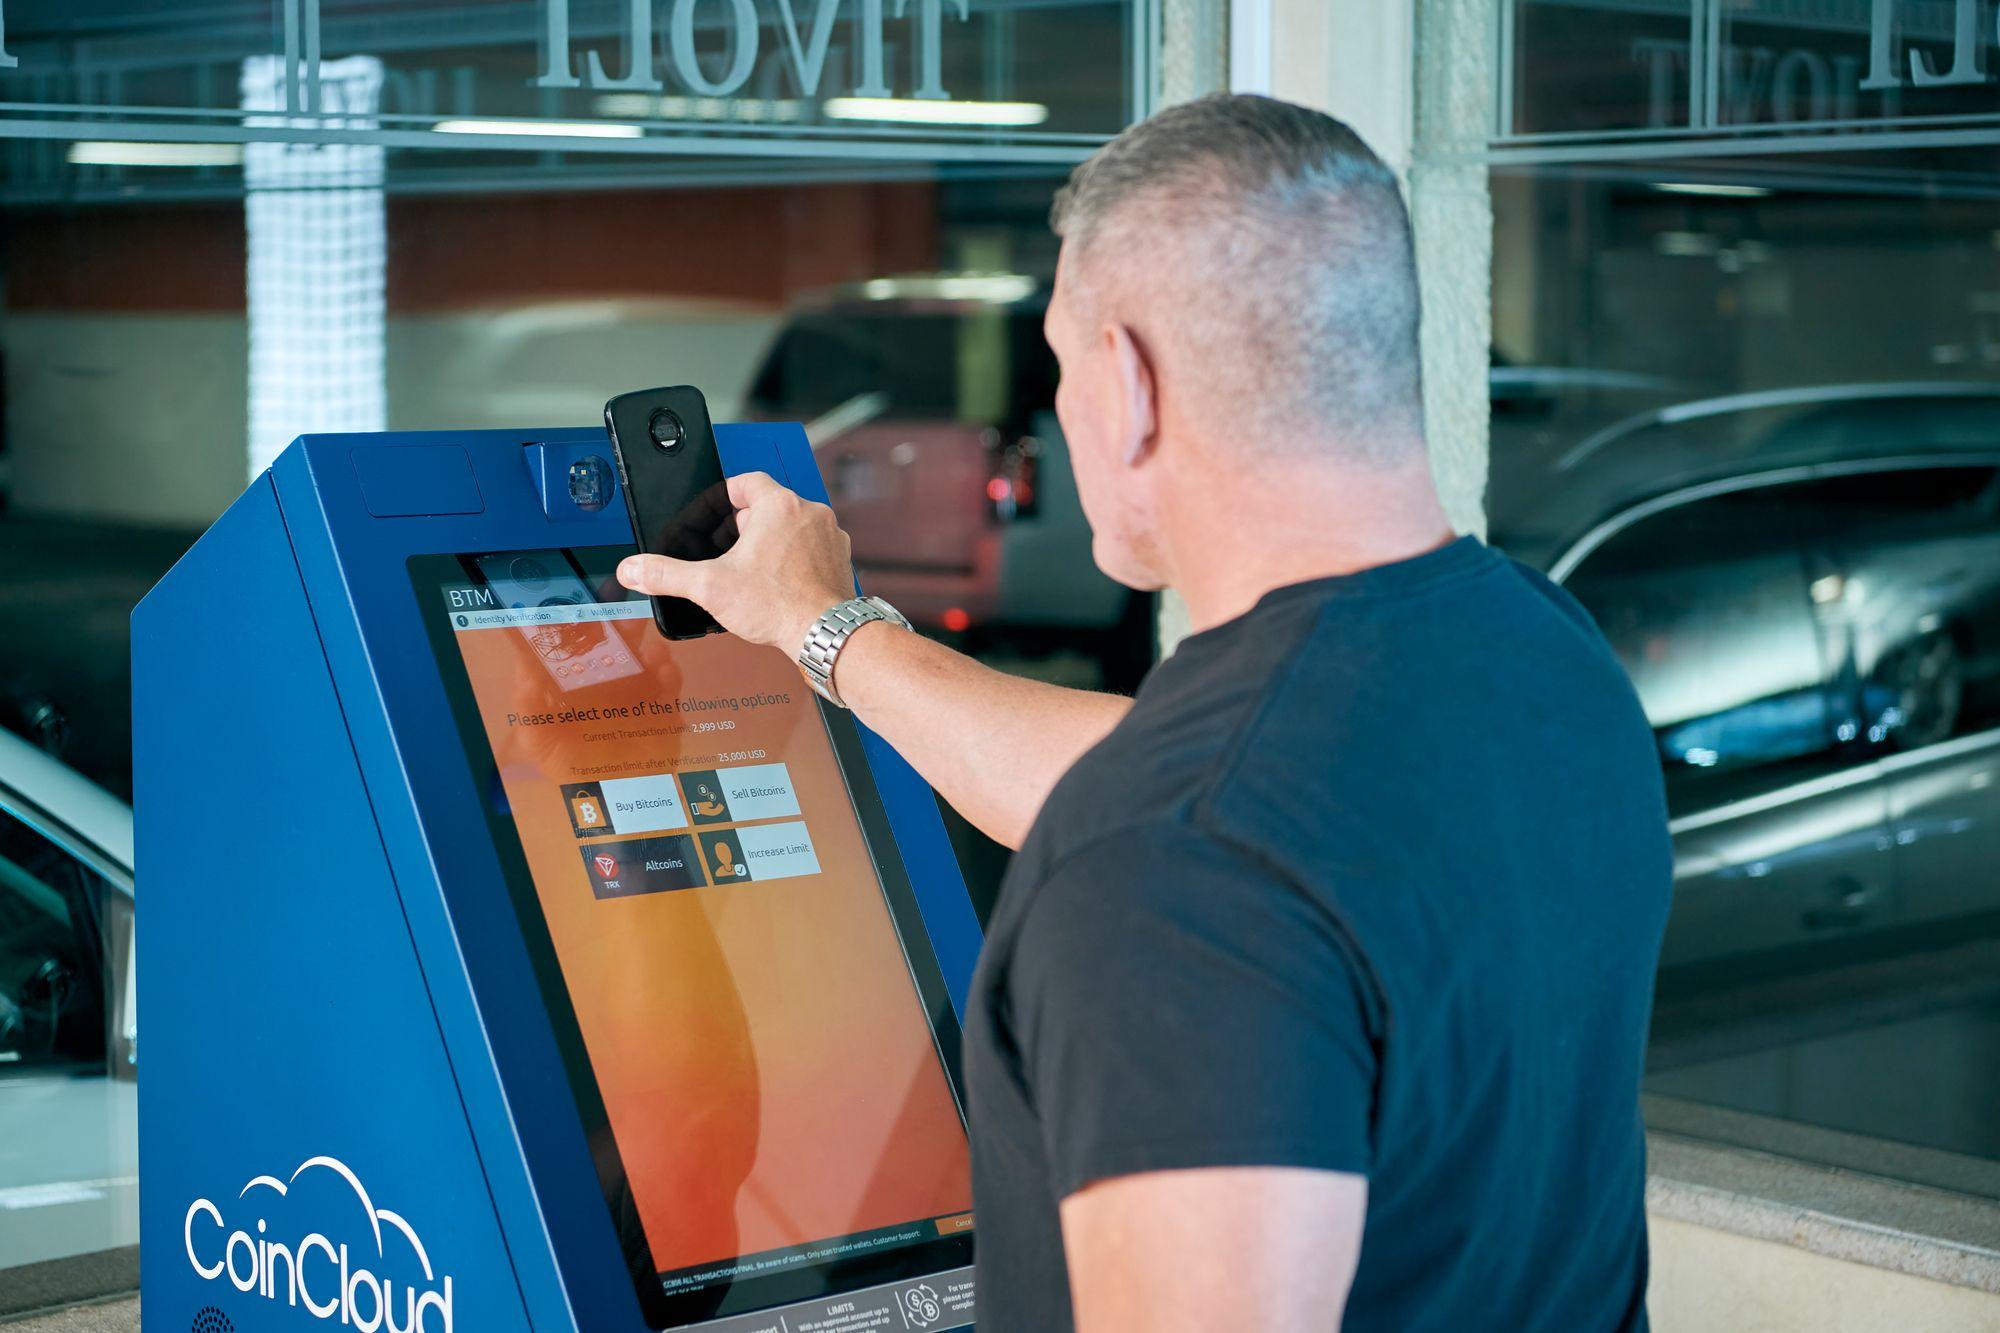 Bankomat kryptowalut – powszechnie, szybko i anonimowo!